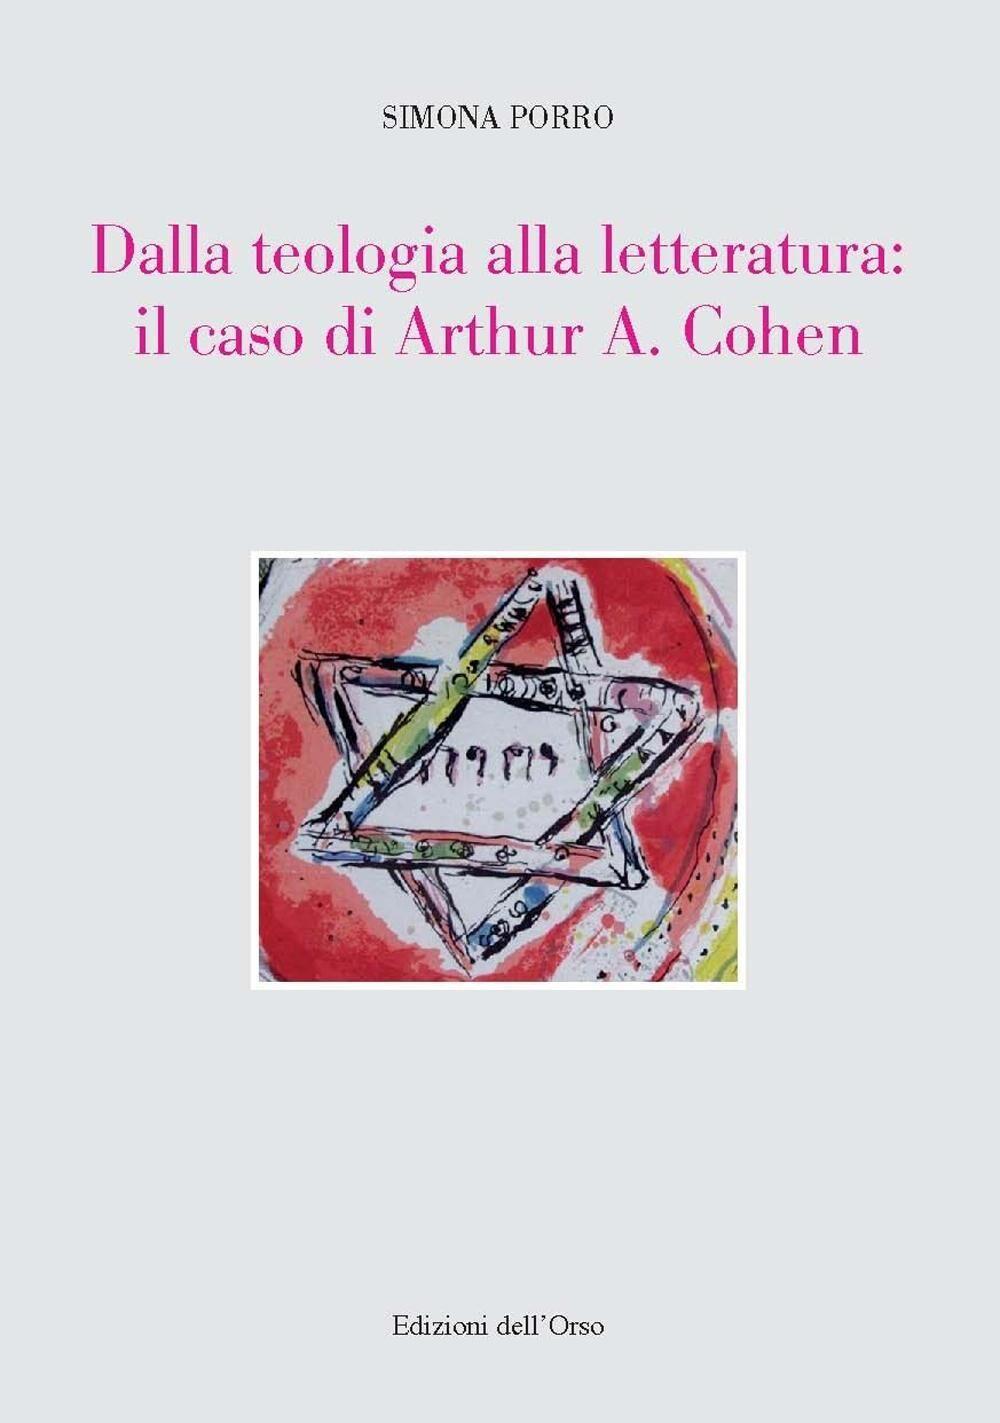 Dalla teologia alla letteratura: il caso di Arthur A. Cohen